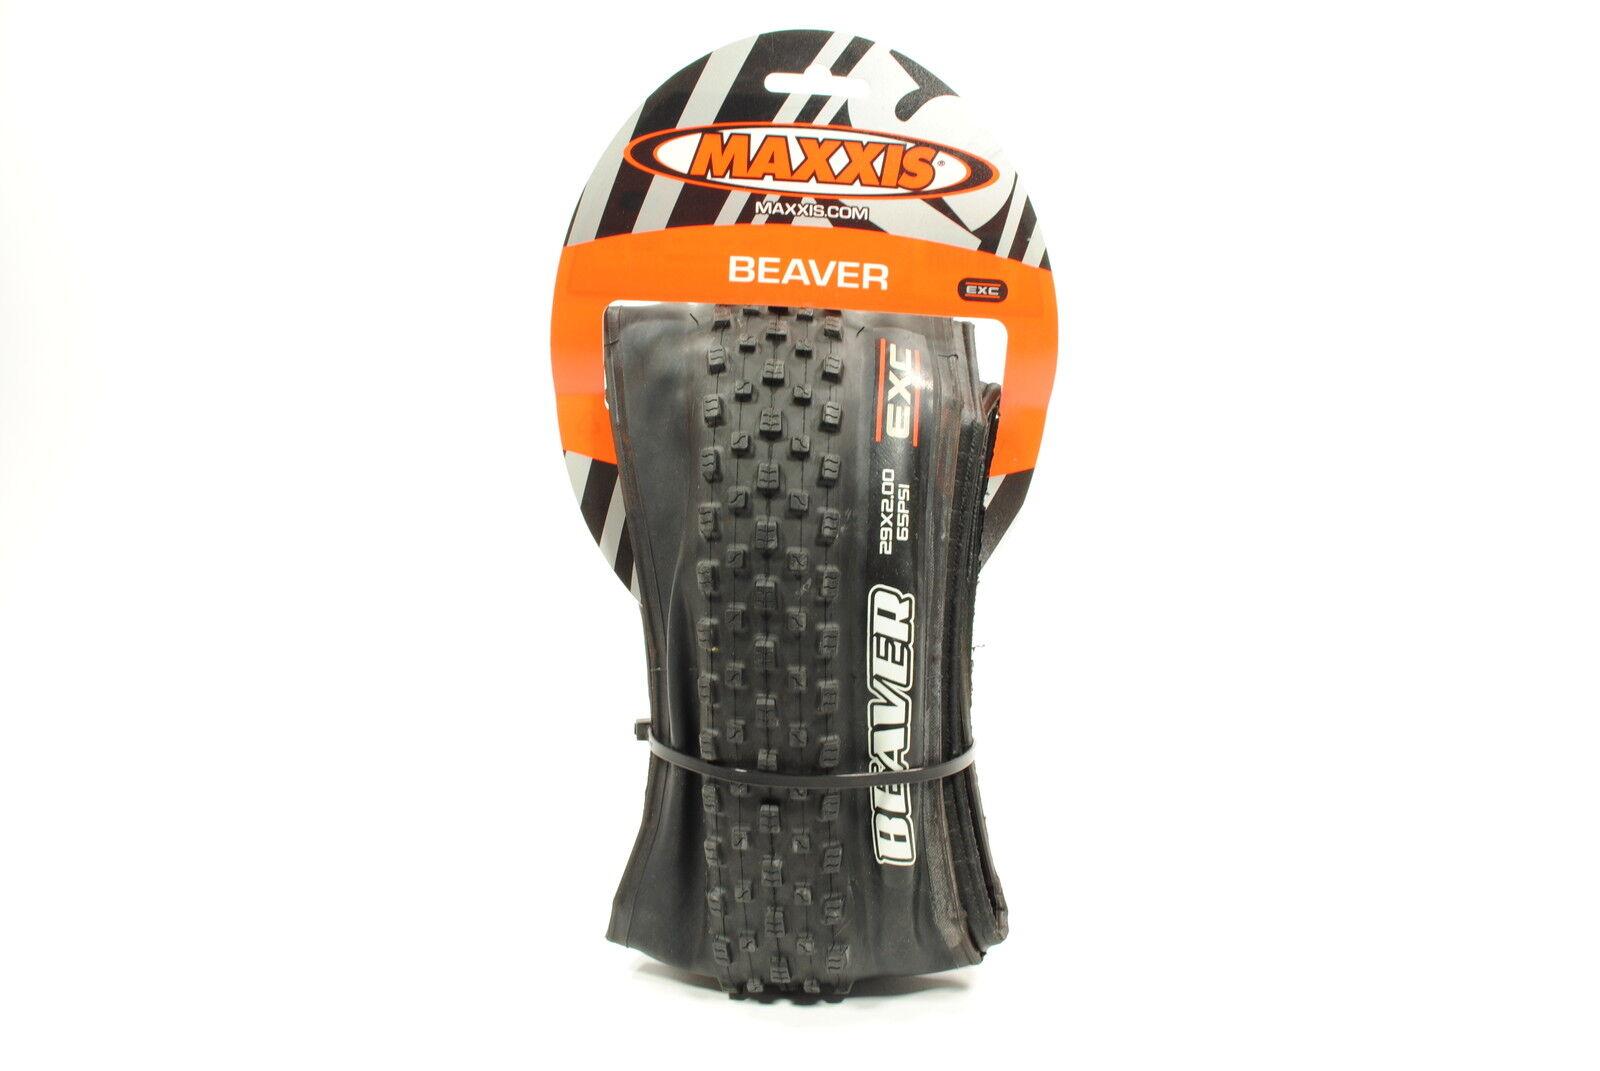 Maxxis Beaver 29er Folding Mountain Bike  Tire 29x2.0  cheap store